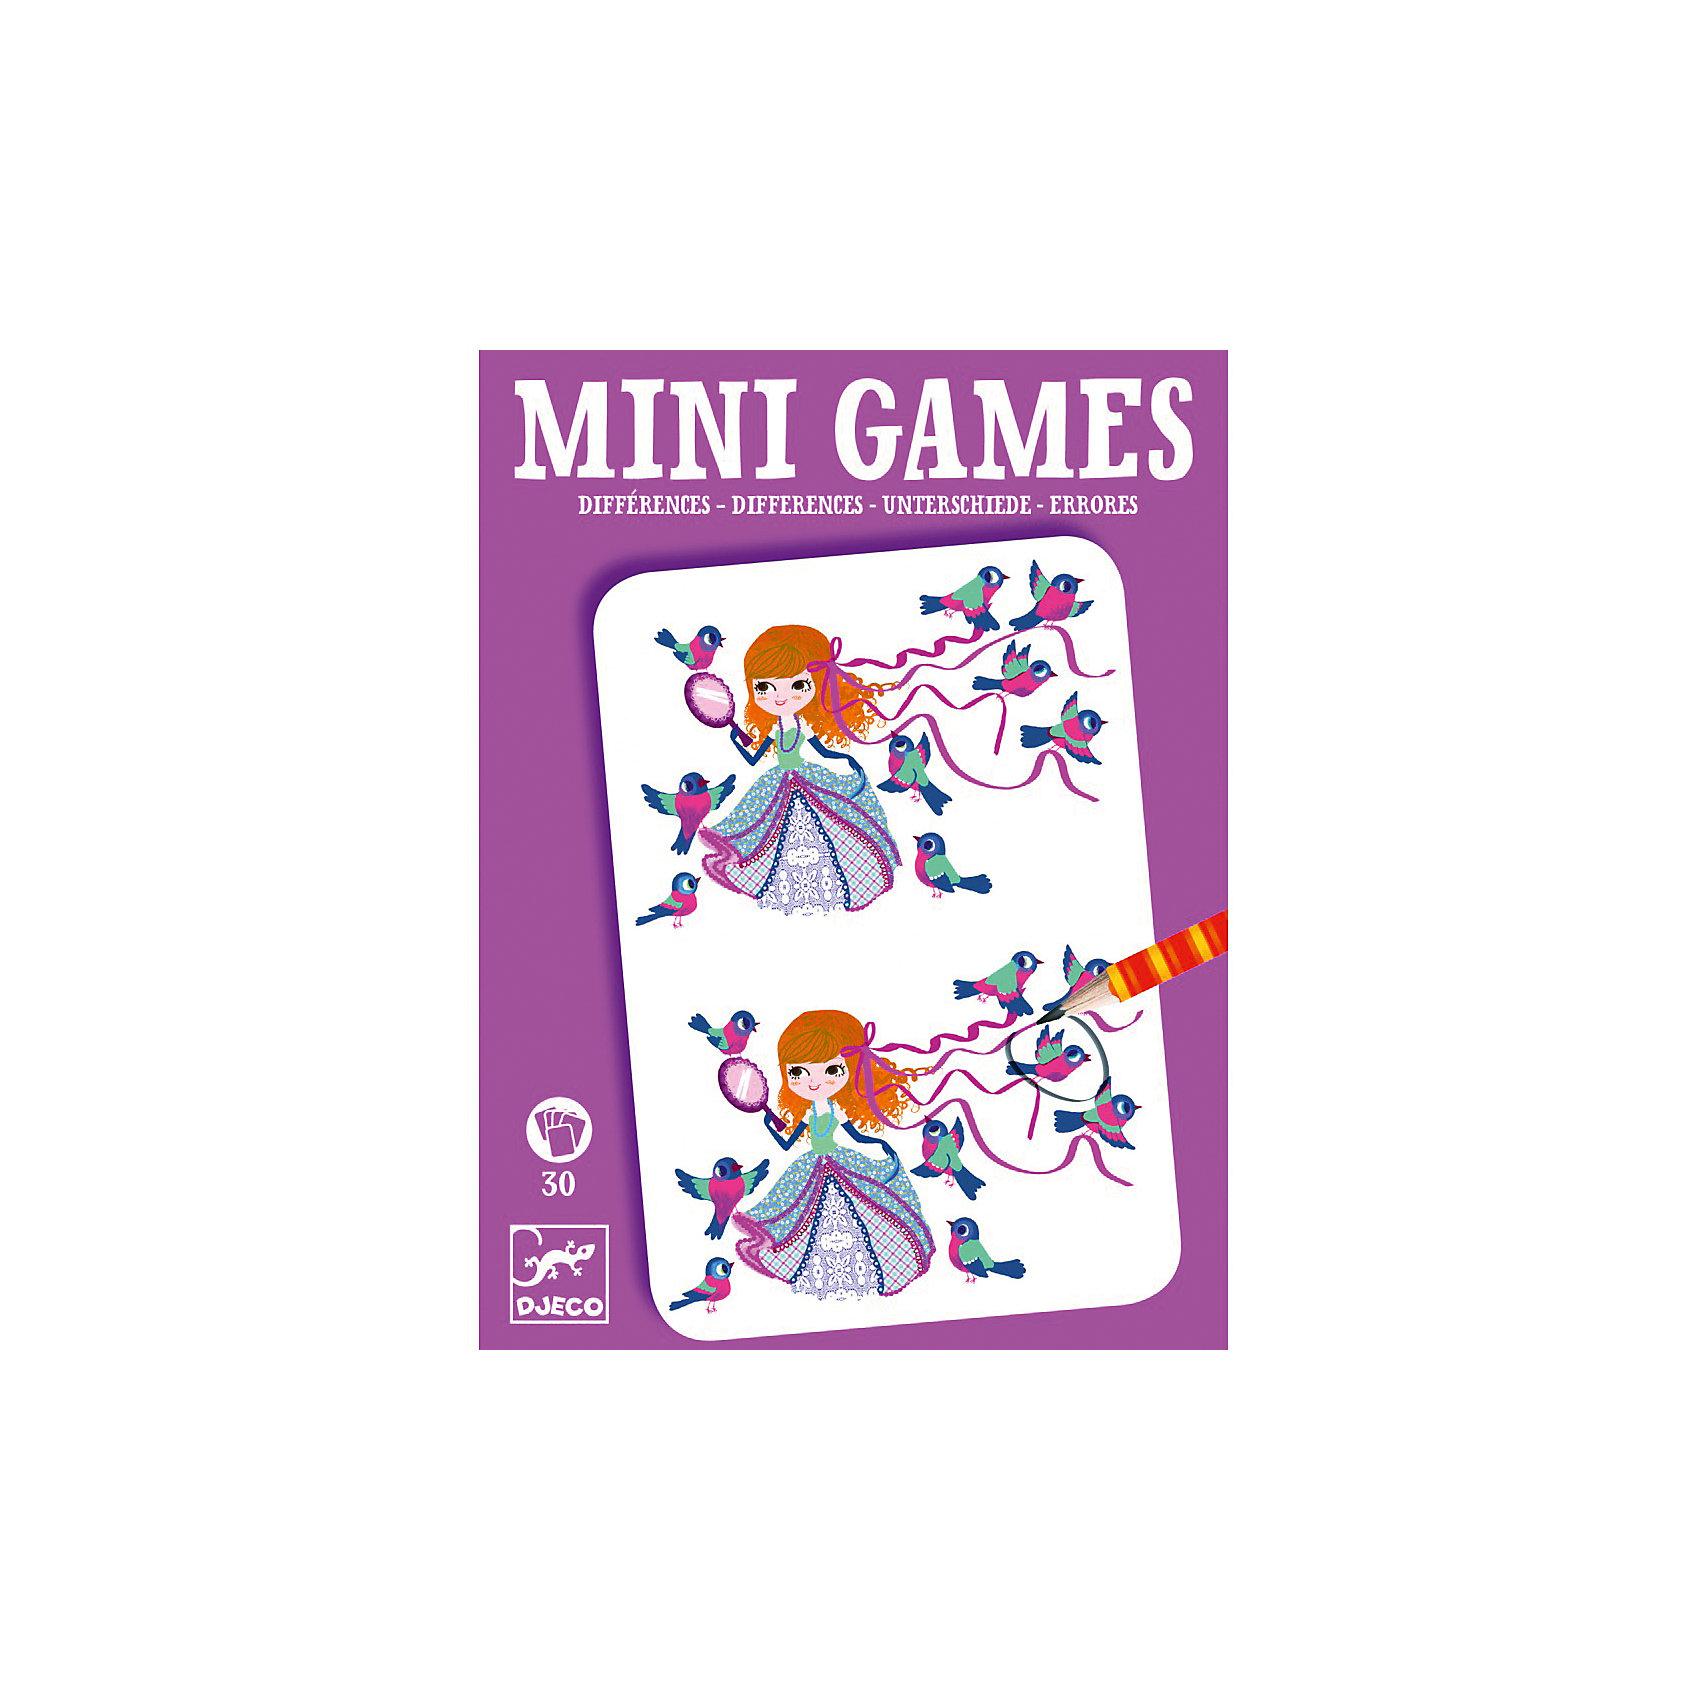 Мини игра Найди отличия: Леа,  DJECOИгры в дорогу<br>Забудьте о скучных путешествиях вместе с замечательной игрой Найди отличия: Леа от DJECO (Джеко). Теперь в мини формате! Игра очень красивая и компактная, поэтому она идеальный спутник для маленького непоседы. В комплекте 30 игровых карточек на которых нарисованы любимые детьми забавные картинки, между которыми необходимо найти 7 отличий. Игра настолько увлекательная, что ее можно использовать и для целой компании, находя отличия на скорость. Очень важно развивать у малыша внимание, усидчивость и логику. А лучше делать все это во время увлекательной игры, которая никогда не надоедает, ведь в наборе масса карточек с разными сюжетами!<br><br>Дополнительная информация: <br><br>- В наборе: 30 игровых карточек, карандаш;<br>- Удобно брать в путешествия;<br>- Можно играть одному или с компанией ;<br>- Отличный подарок;<br>- Понравится и взрослым и детям;<br>- Игра  продается в красивой картонной коробке;<br>- Размер упаковки: 11 х 15 х 2 см<br>- Вес: 250 г<br><br>Мини игру Найди отличия: Леа,  DJECO (Джеко) можно купить в нашем интернет-магазине.<br><br>Ширина мм: 110<br>Глубина мм: 150<br>Высота мм: 13<br>Вес г: 160<br>Возраст от месяцев: 72<br>Возраст до месяцев: 144<br>Пол: Унисекс<br>Возраст: Детский<br>SKU: 3778408